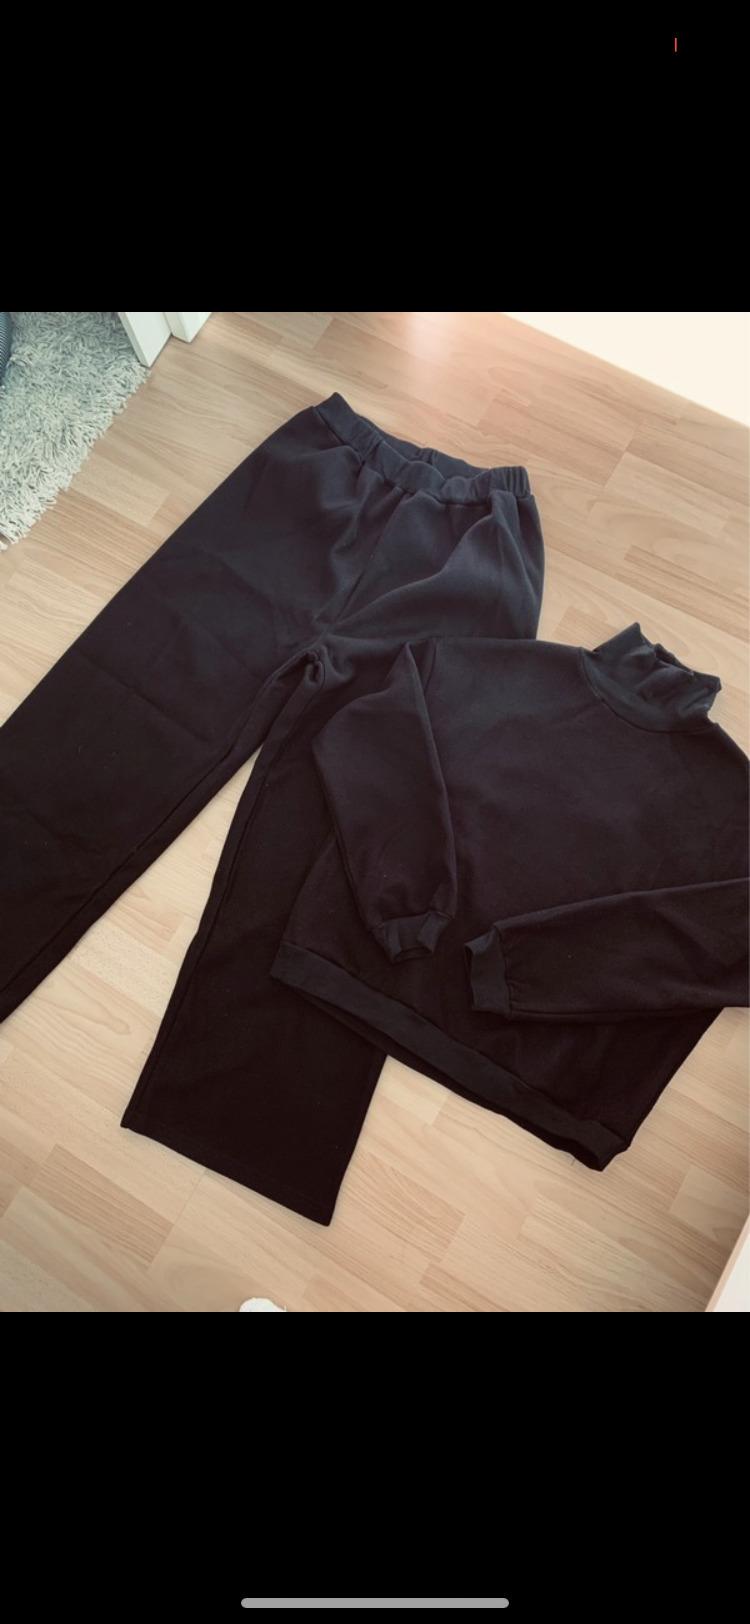 Schwarzer Pulli + Hose tauschen